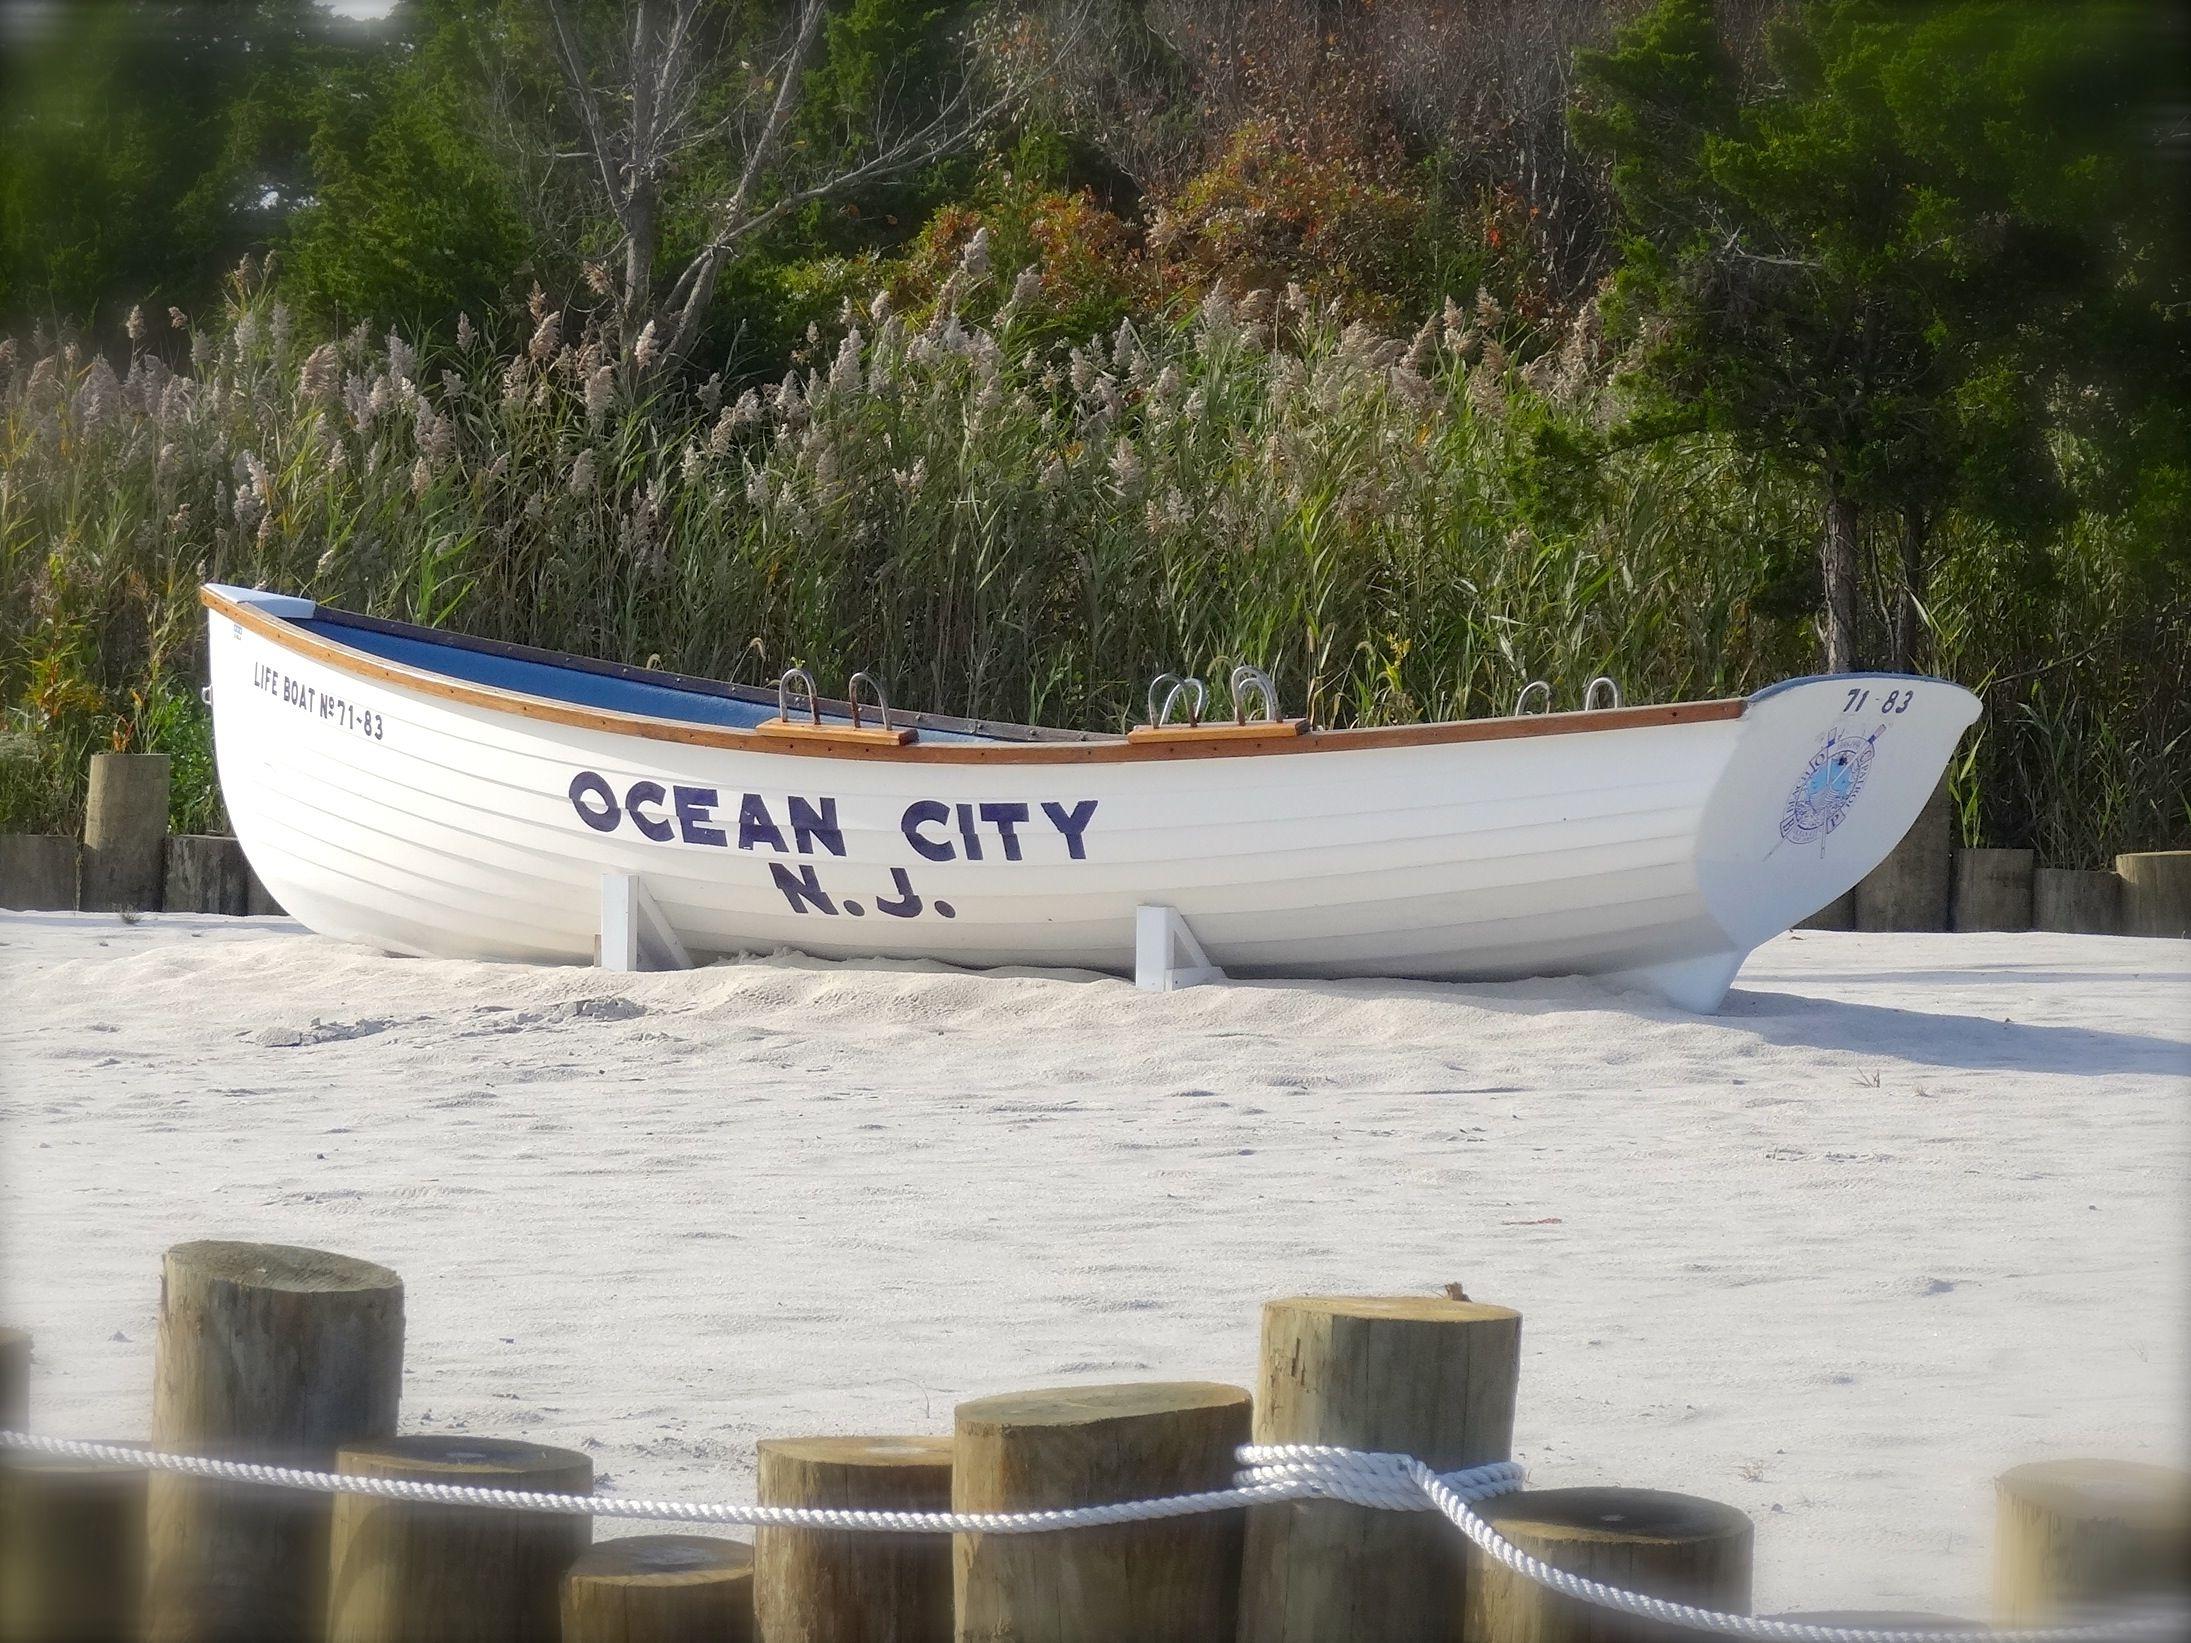 Classic ocean city lifeboat ocean city city ocean